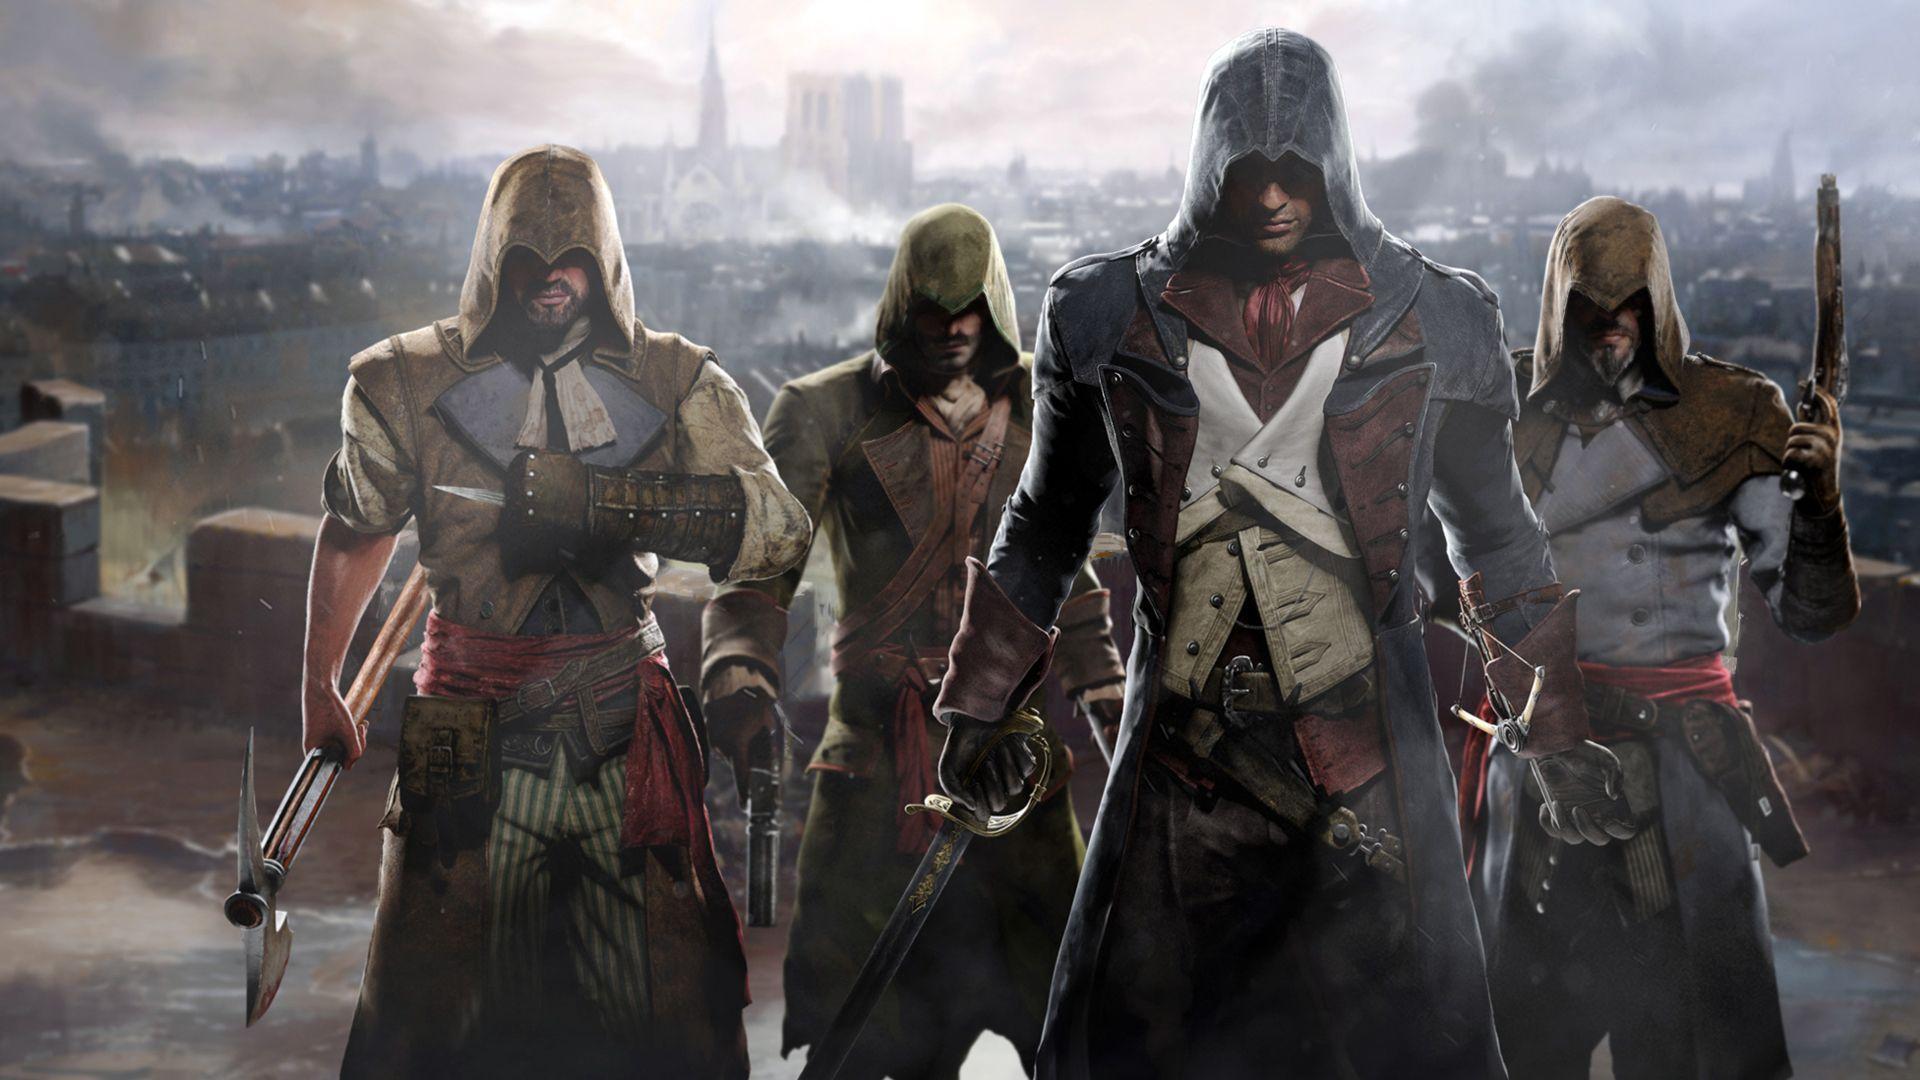 Assassins Creed Unity Wallpaper 1080p